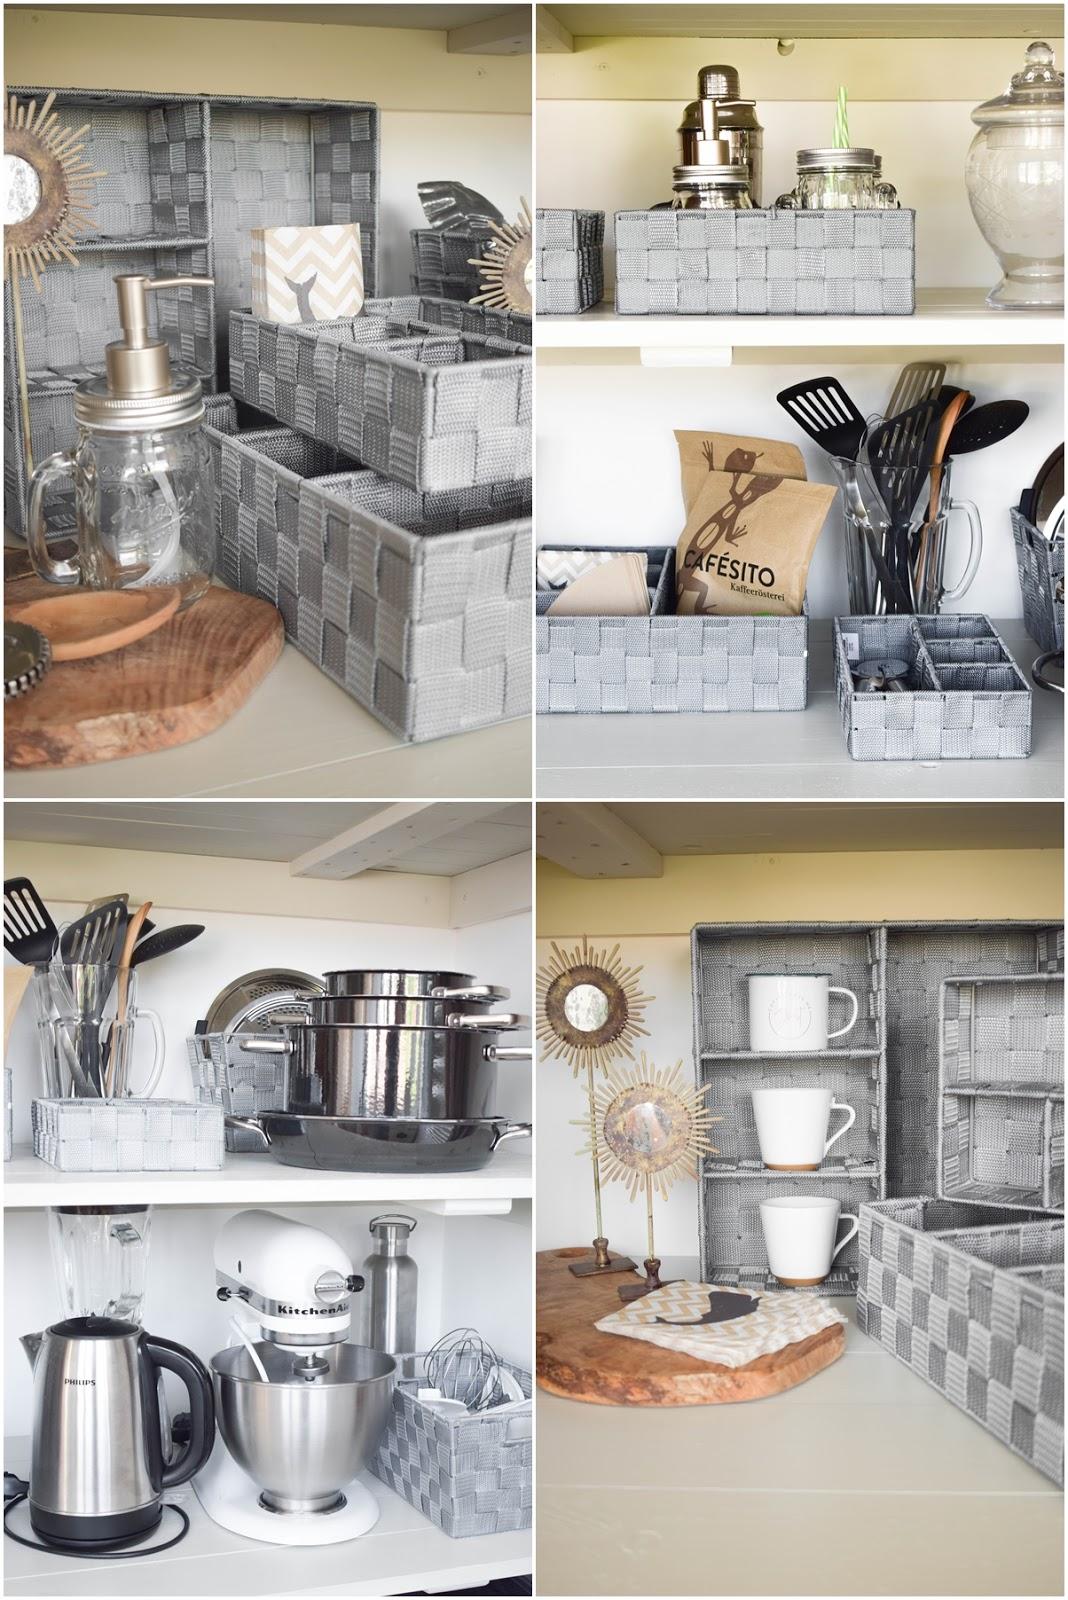 diy regal f r die k che mit ganz viel platz und intelligenter aufbewahrung eclectic hamilton. Black Bedroom Furniture Sets. Home Design Ideas